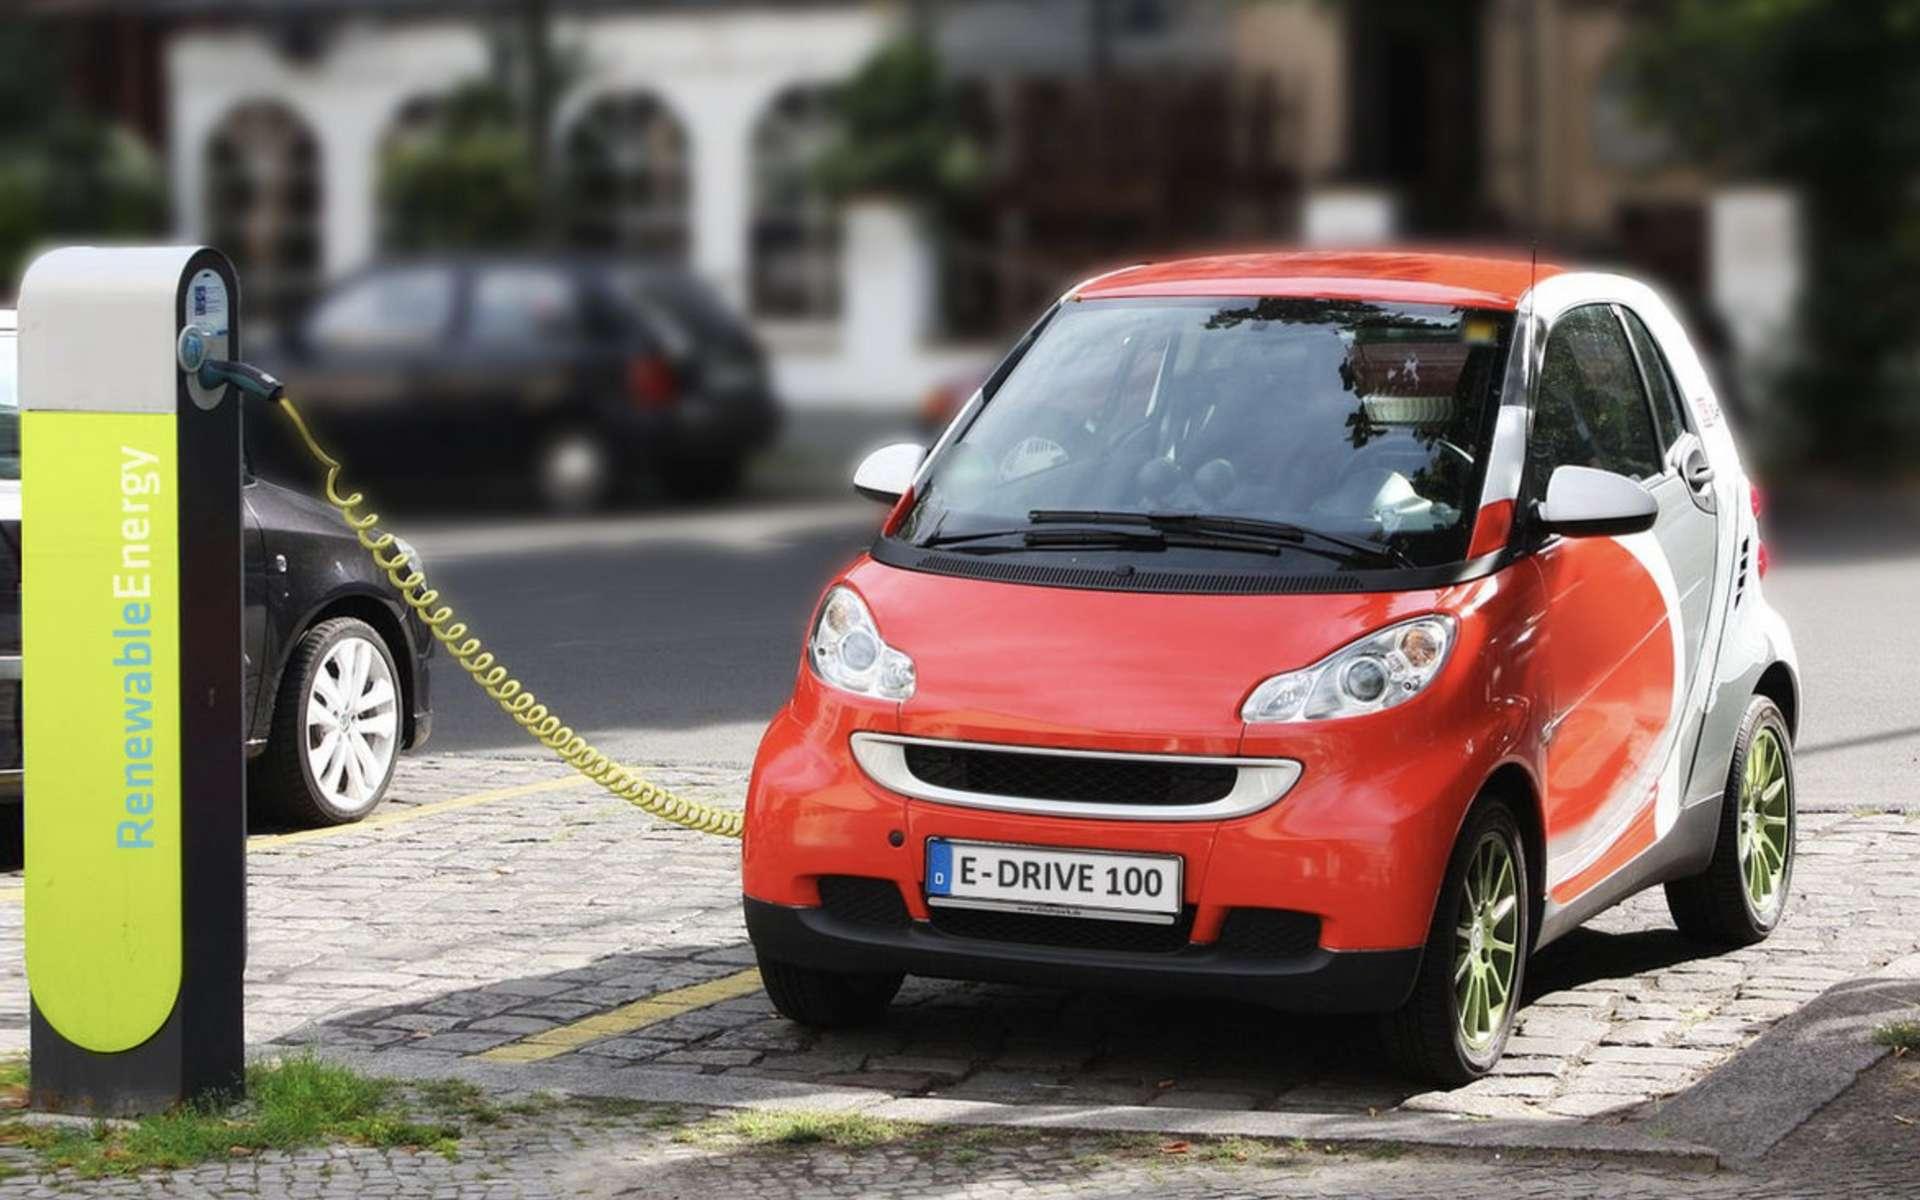 Comment entretenir une voiture électrique ? © Wikipedia